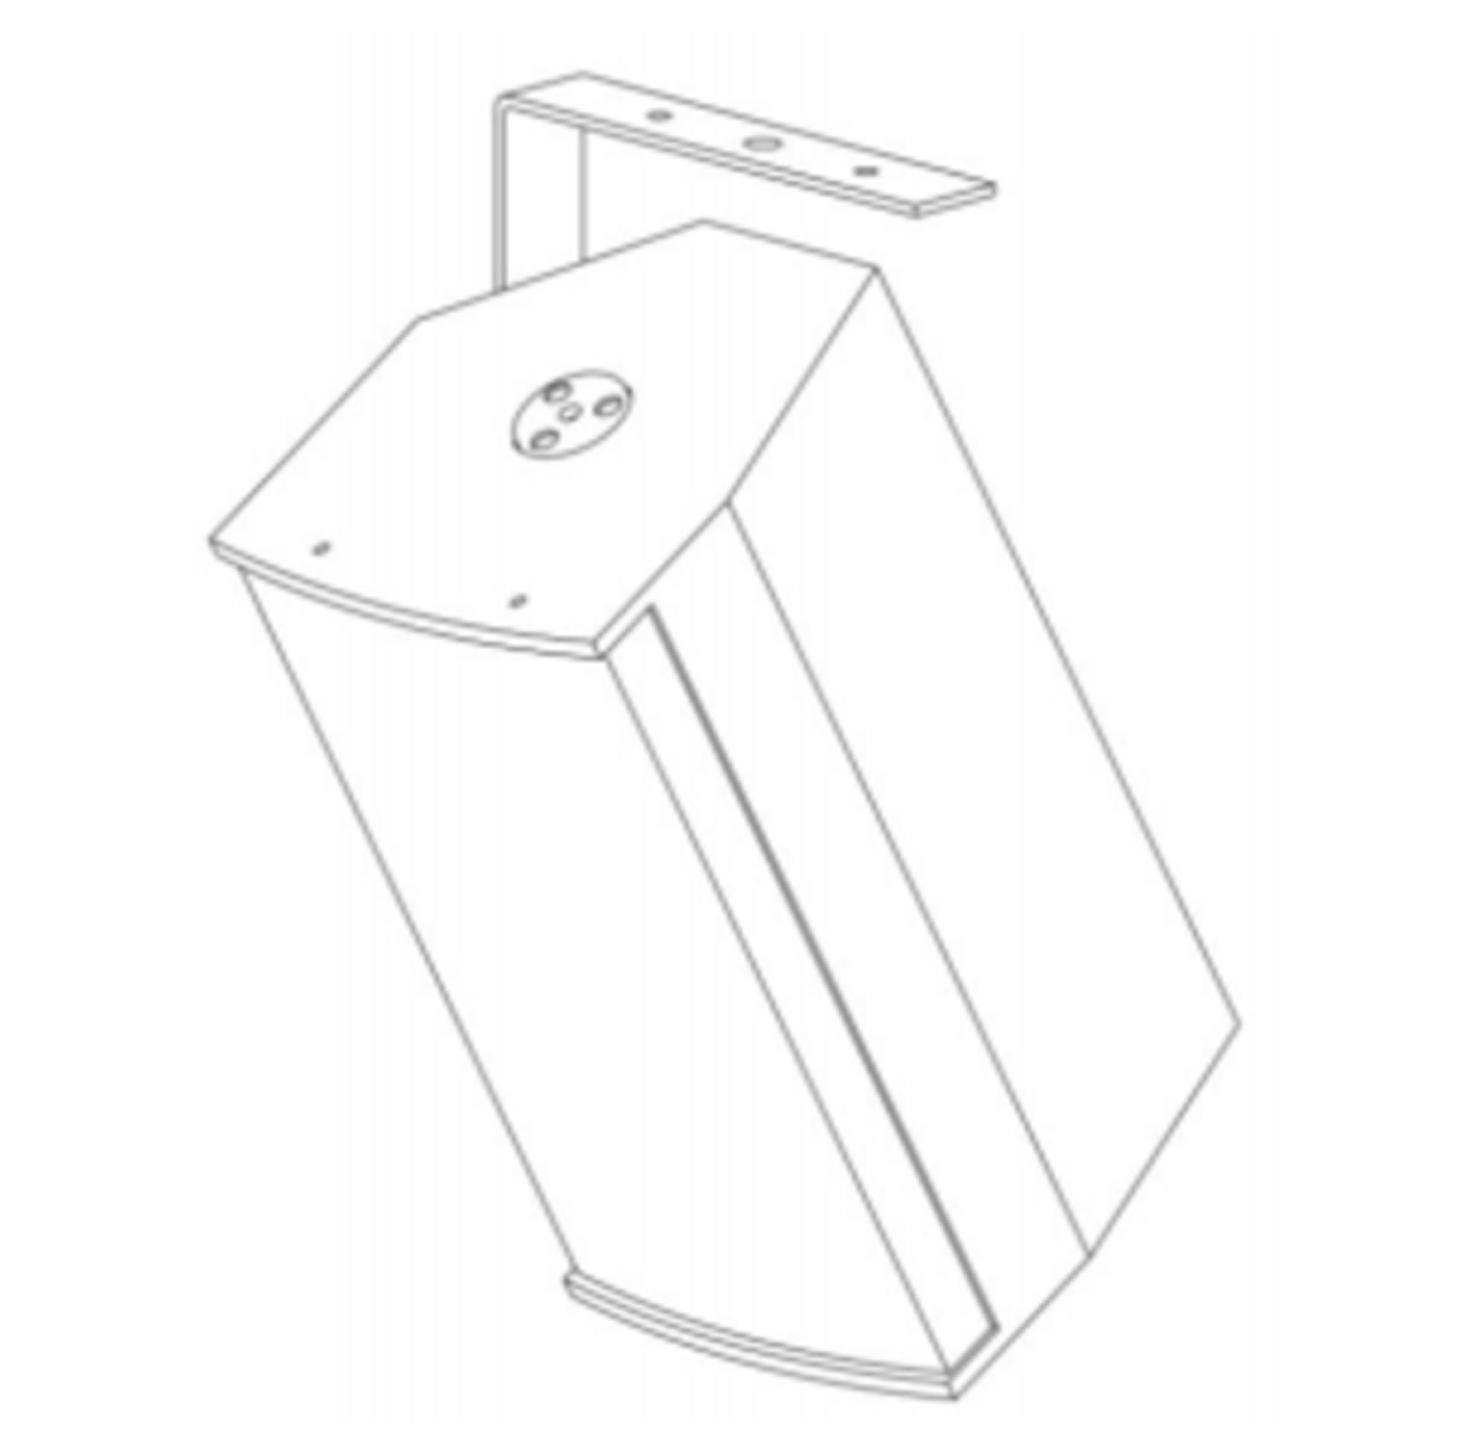 EM Acoustics EMS-61 - Vertical Hanging Bracket